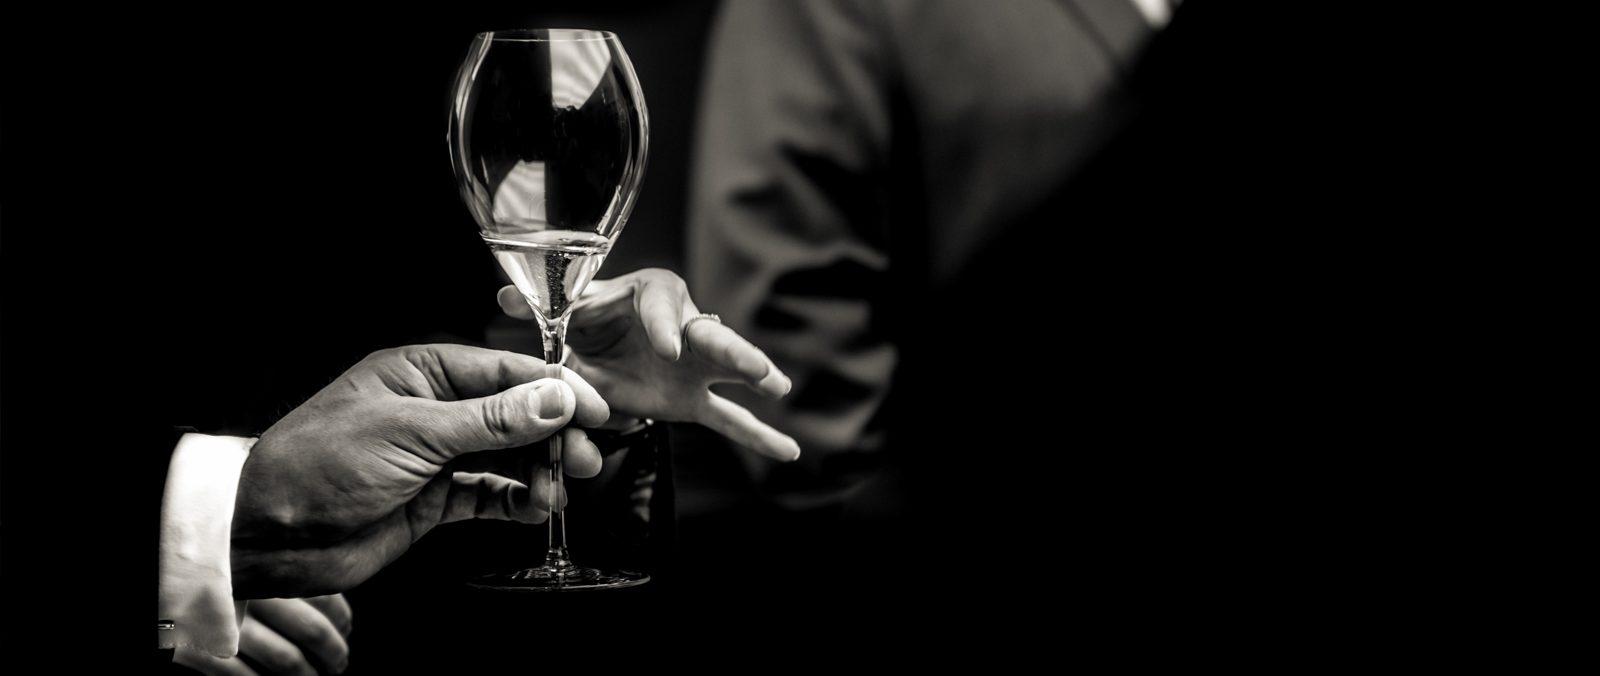 It's not just a glass, it's a lehmann!